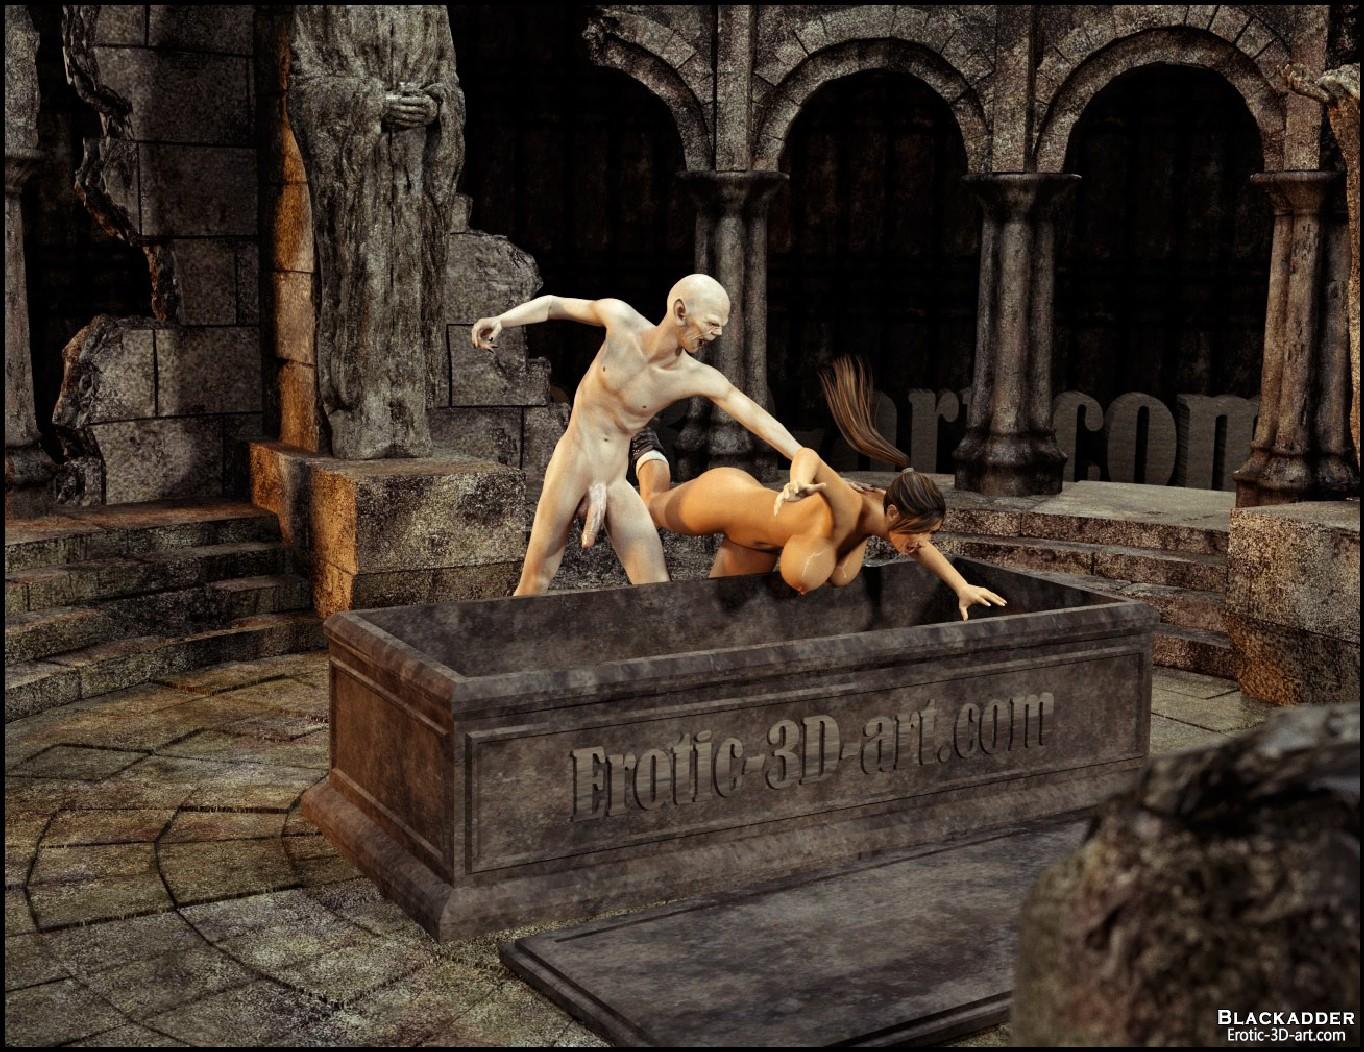 Blackadder- Monster Sex 06 - part 4